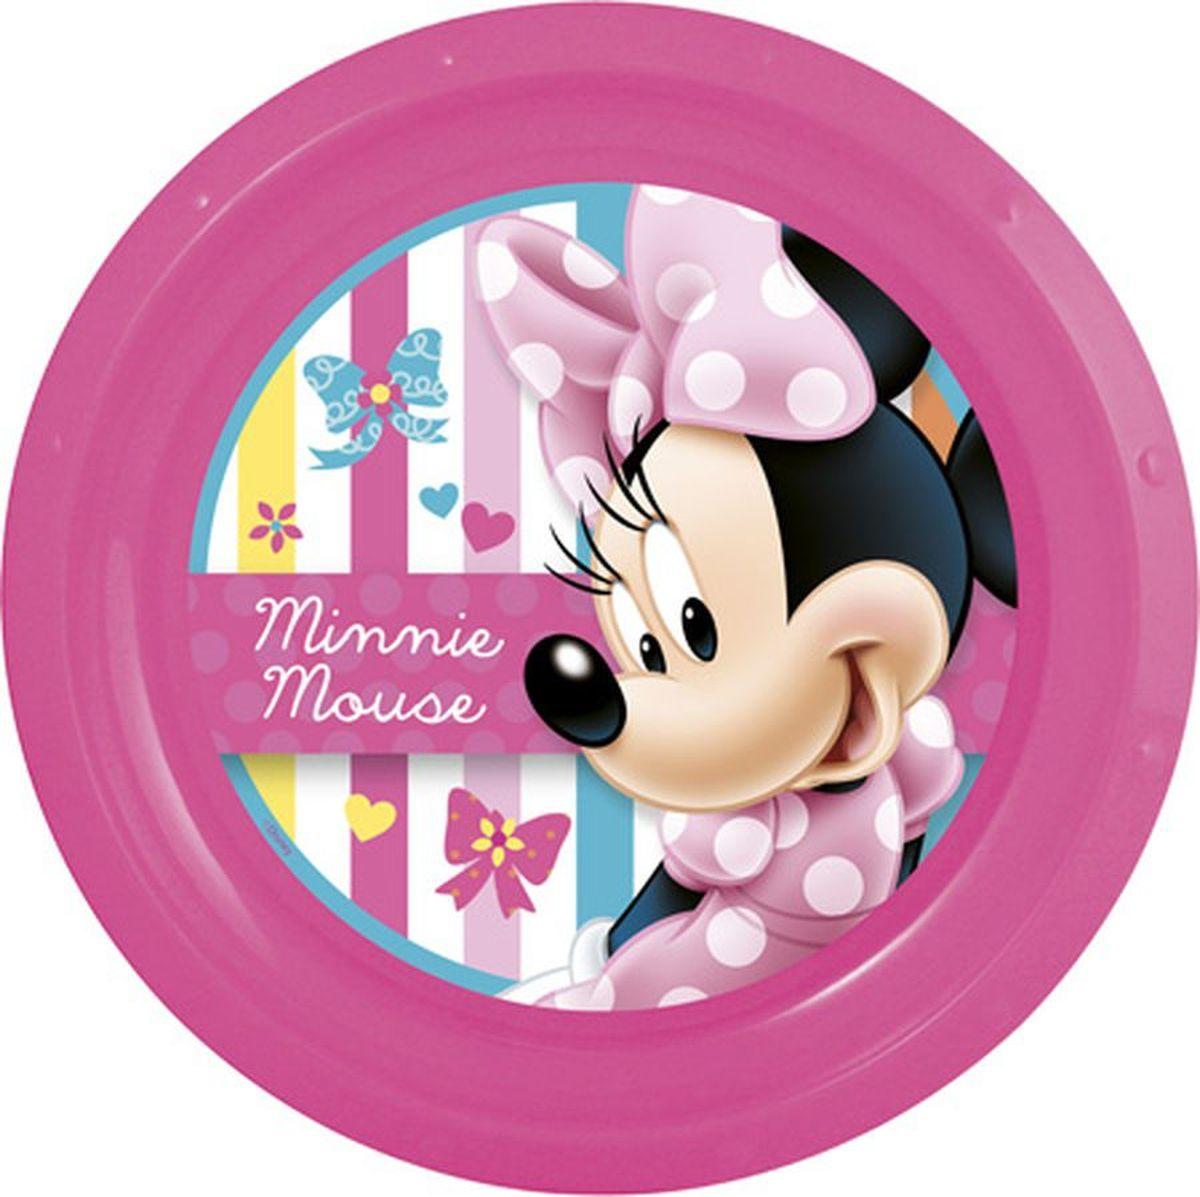 Disney Тарелка Минни диаметр 21,5 см15632_розовыйЯркая тарелка Disney превратит процесс кормления вашего малыша в веселую игру. Дно оформлено изображением забавной мышки Минни. Ваш ребенок будет кушать с большим удовольствием, стараясь быстрее добраться до картинки.